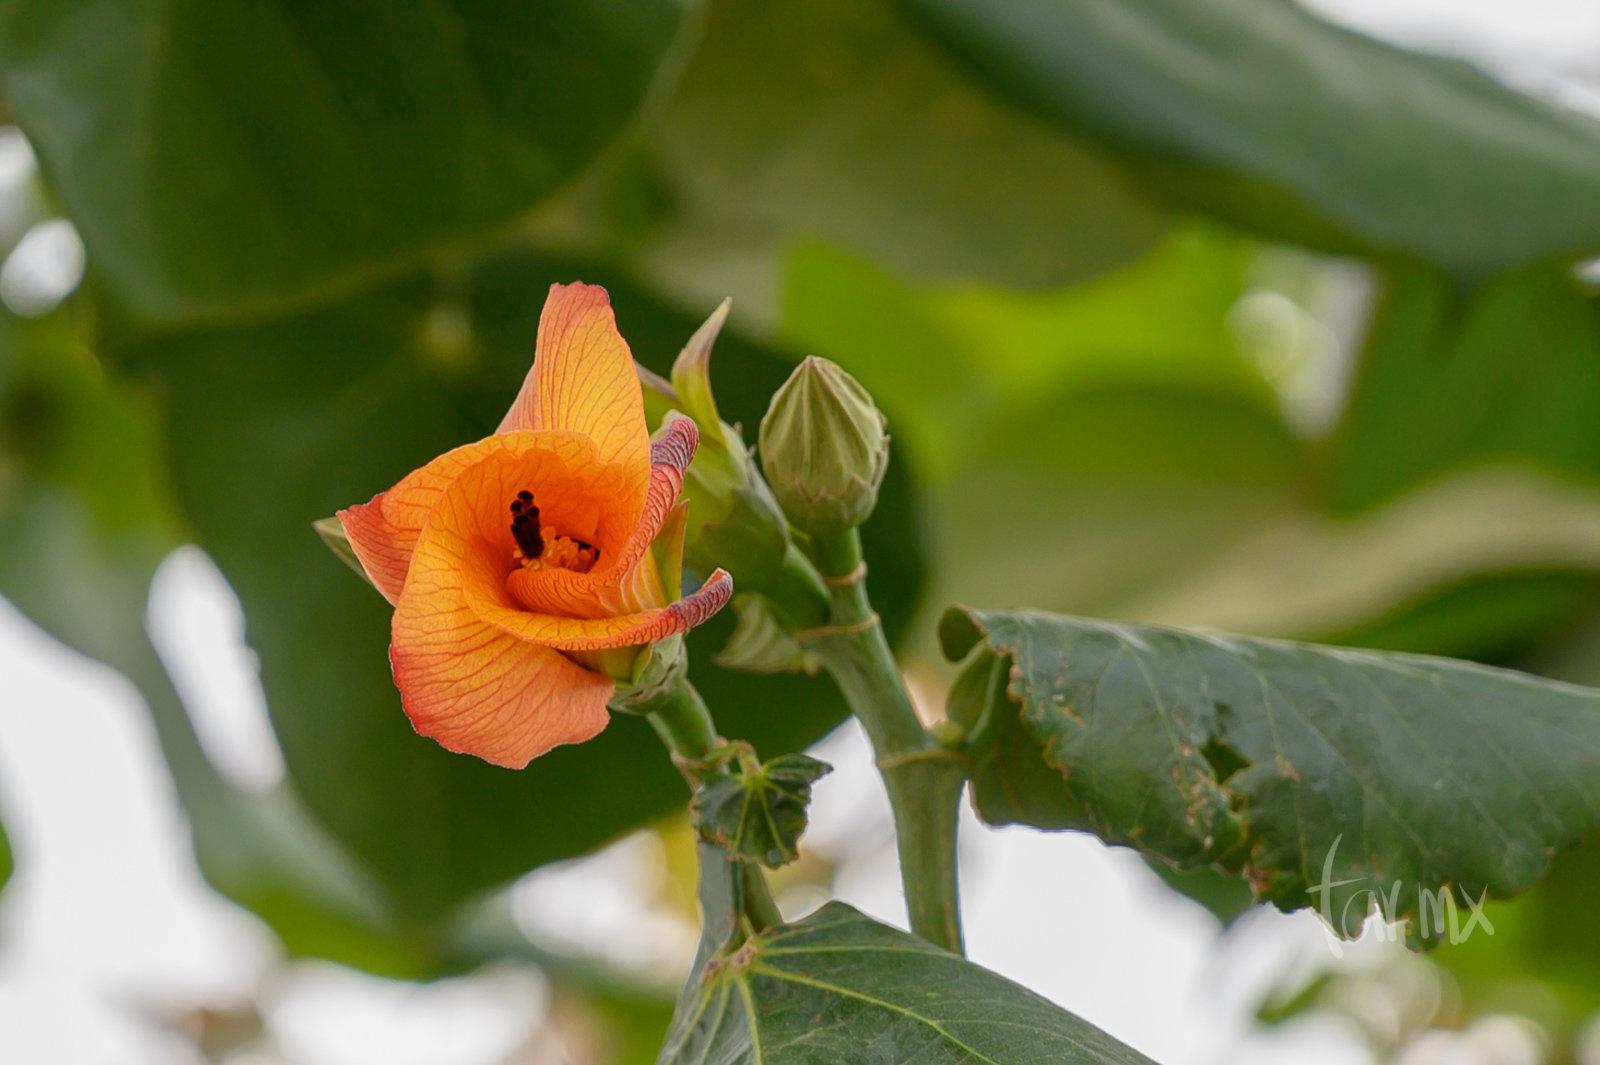 flores de Hibiscus tiliaceus